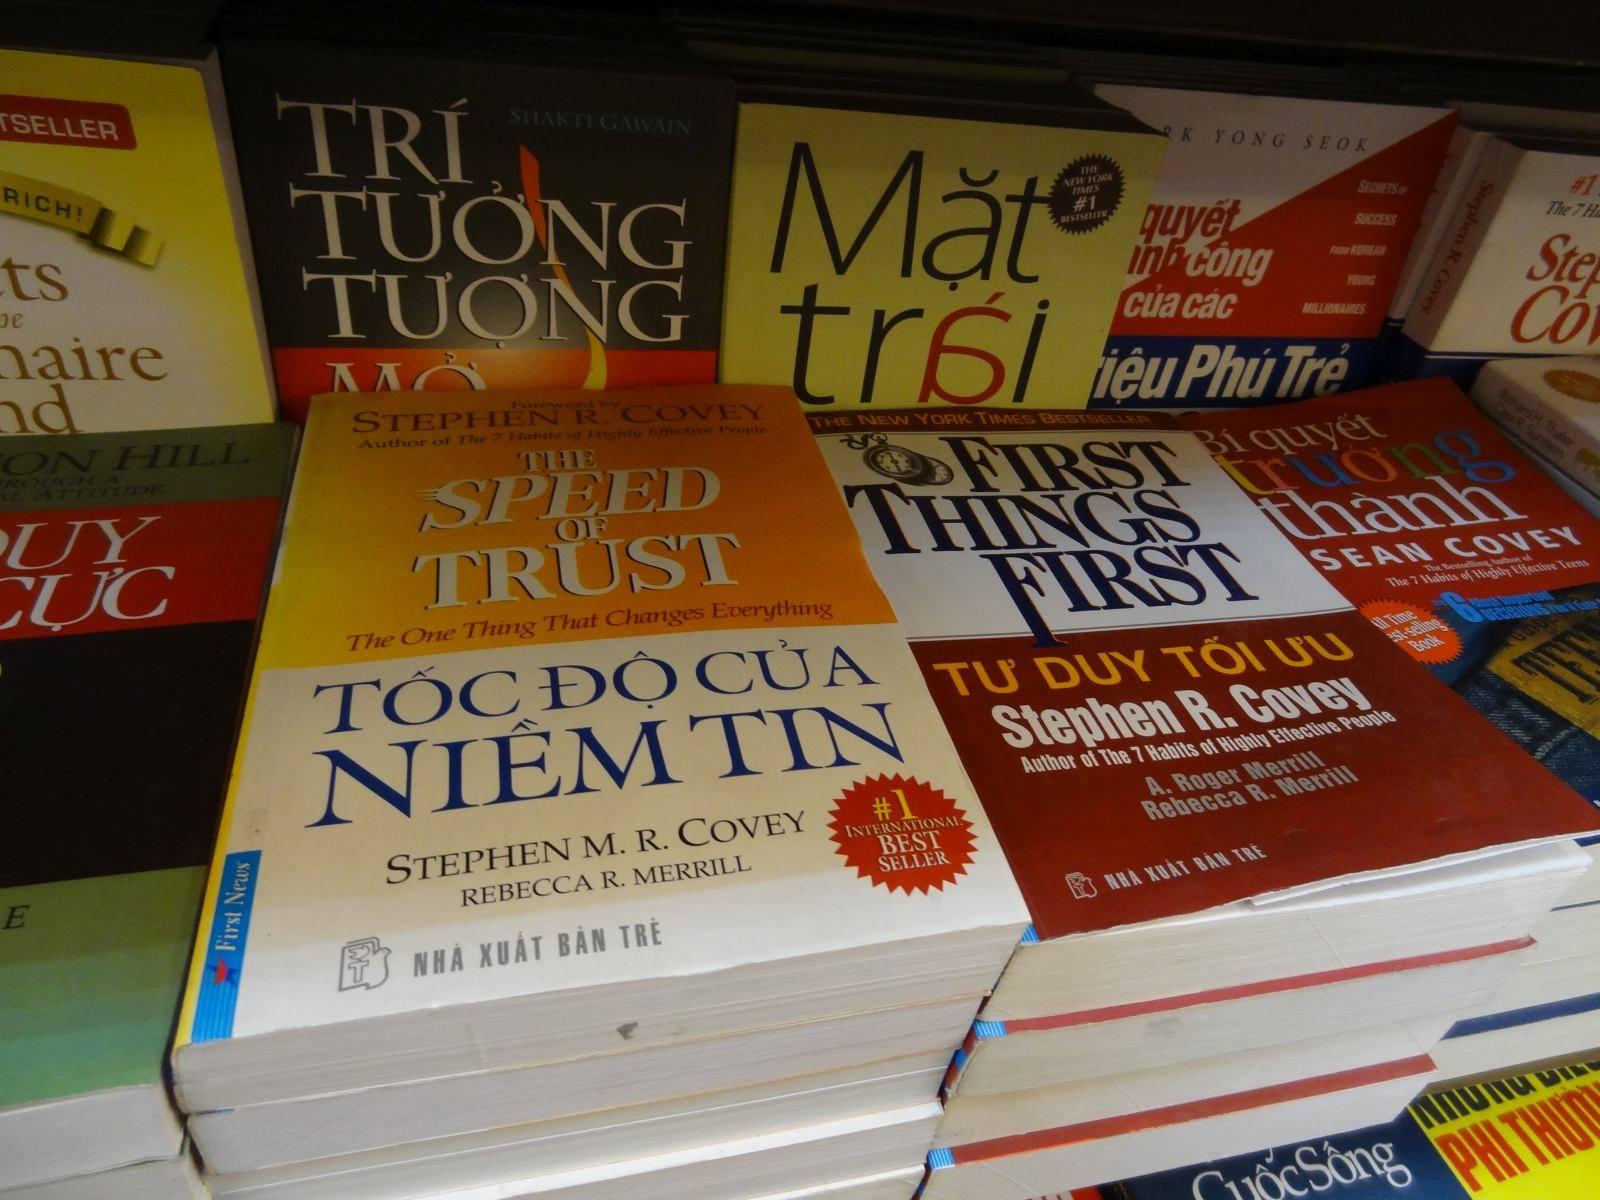 Angielskie tytuły w wietnamskich wydaniach